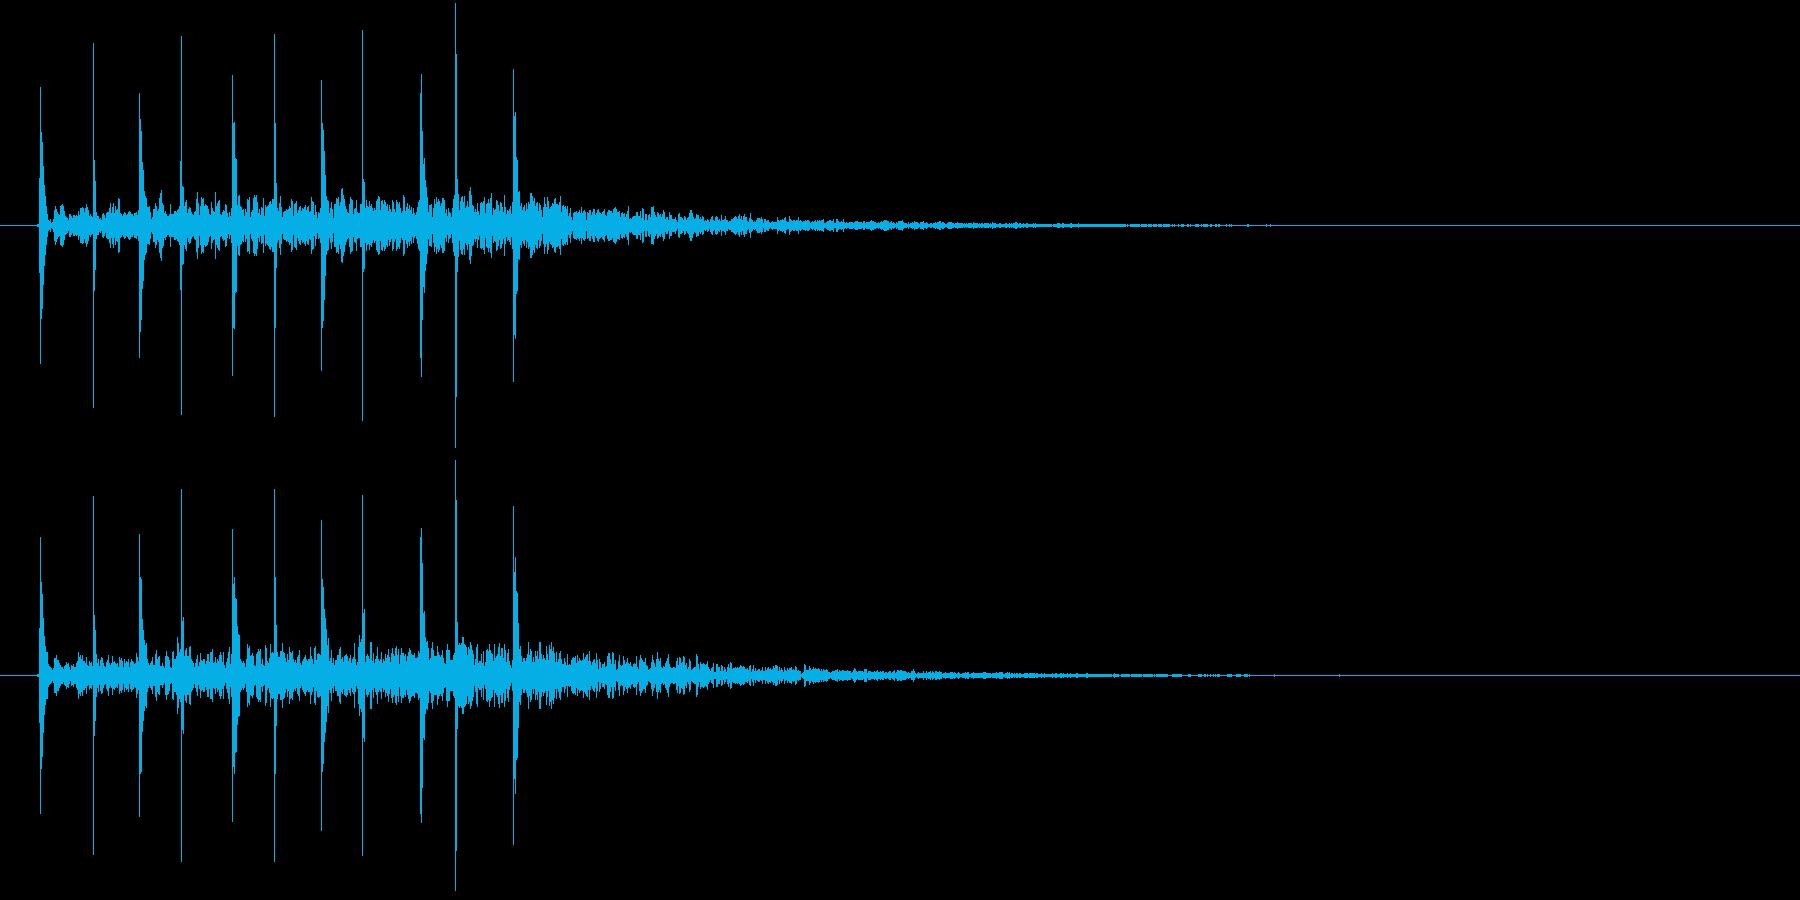 「トンテン・・」連打した石と石+リバーブの再生済みの波形